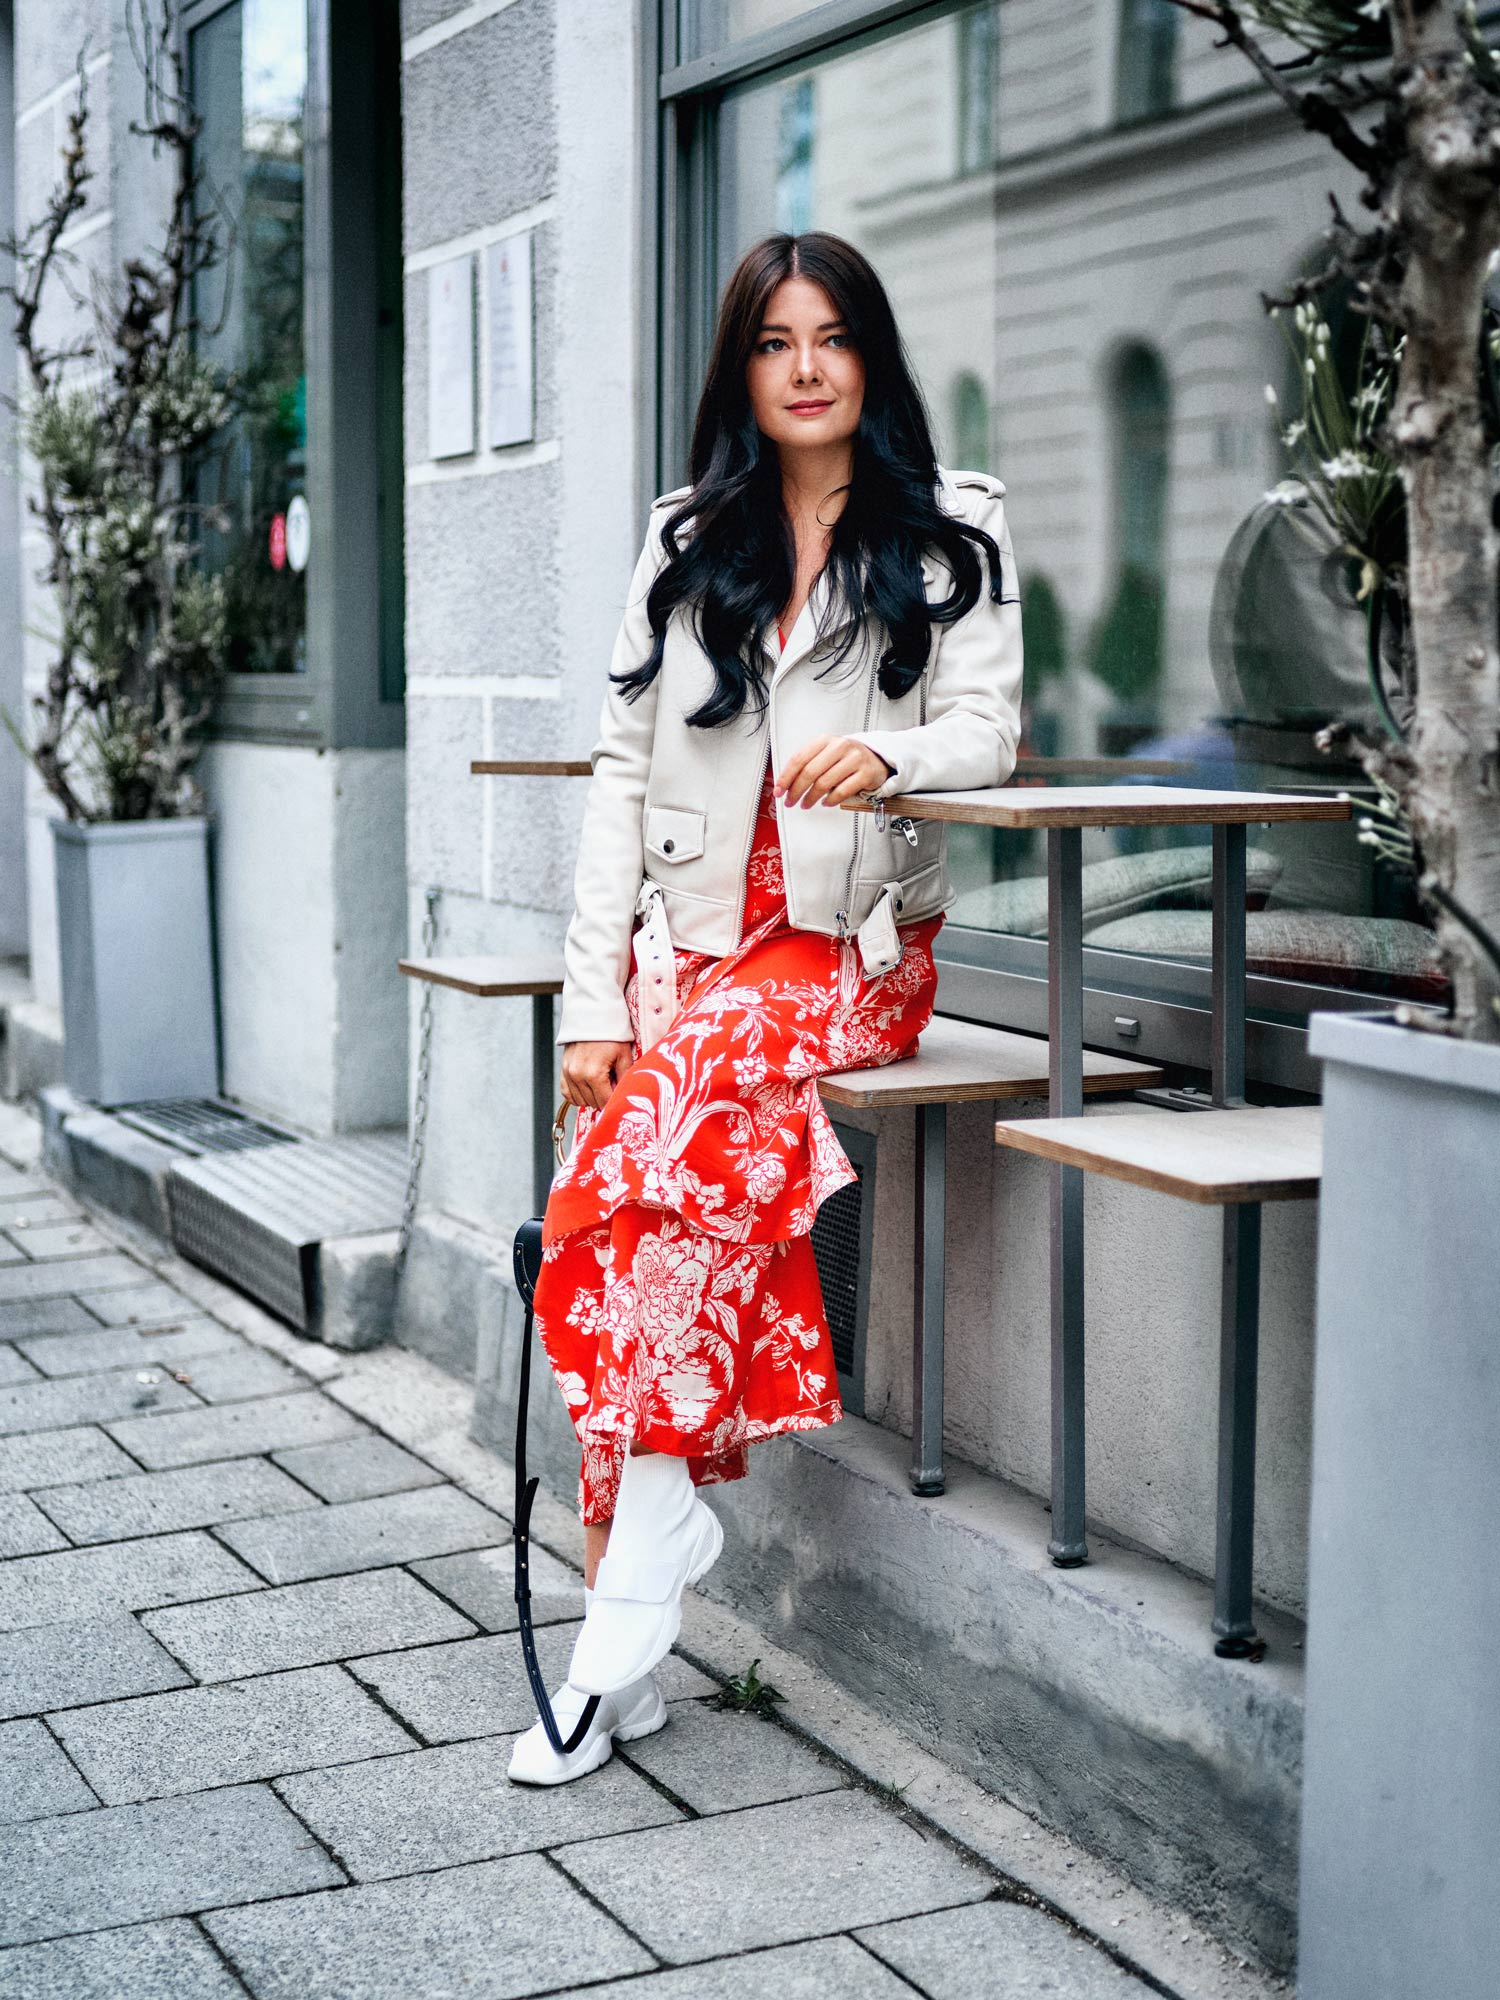 fashion-blogger-aus-muenchen-fashionblogger-lifestyleblogger-beautyblogger-fashion-blogger-modeblogger-modeblog-munich-blog-muenchen-midi-dress-mit-mesh-sneaker-ein-laessig-urbaner-look